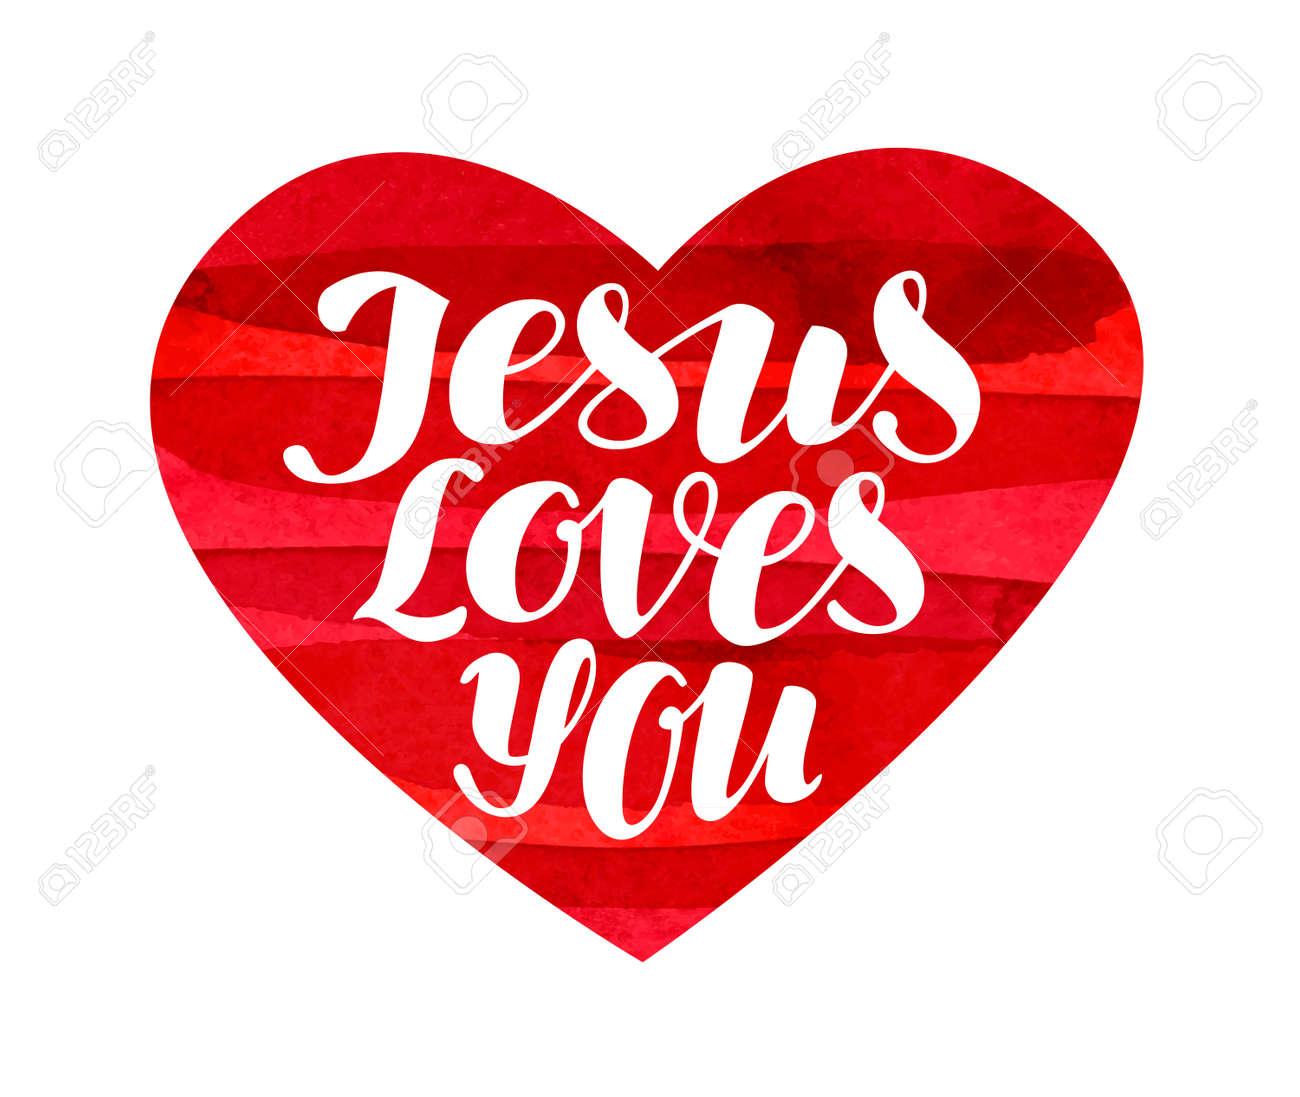 Jesús Te Ama Letras Caligrafía En Forma De Corazón Ilustración